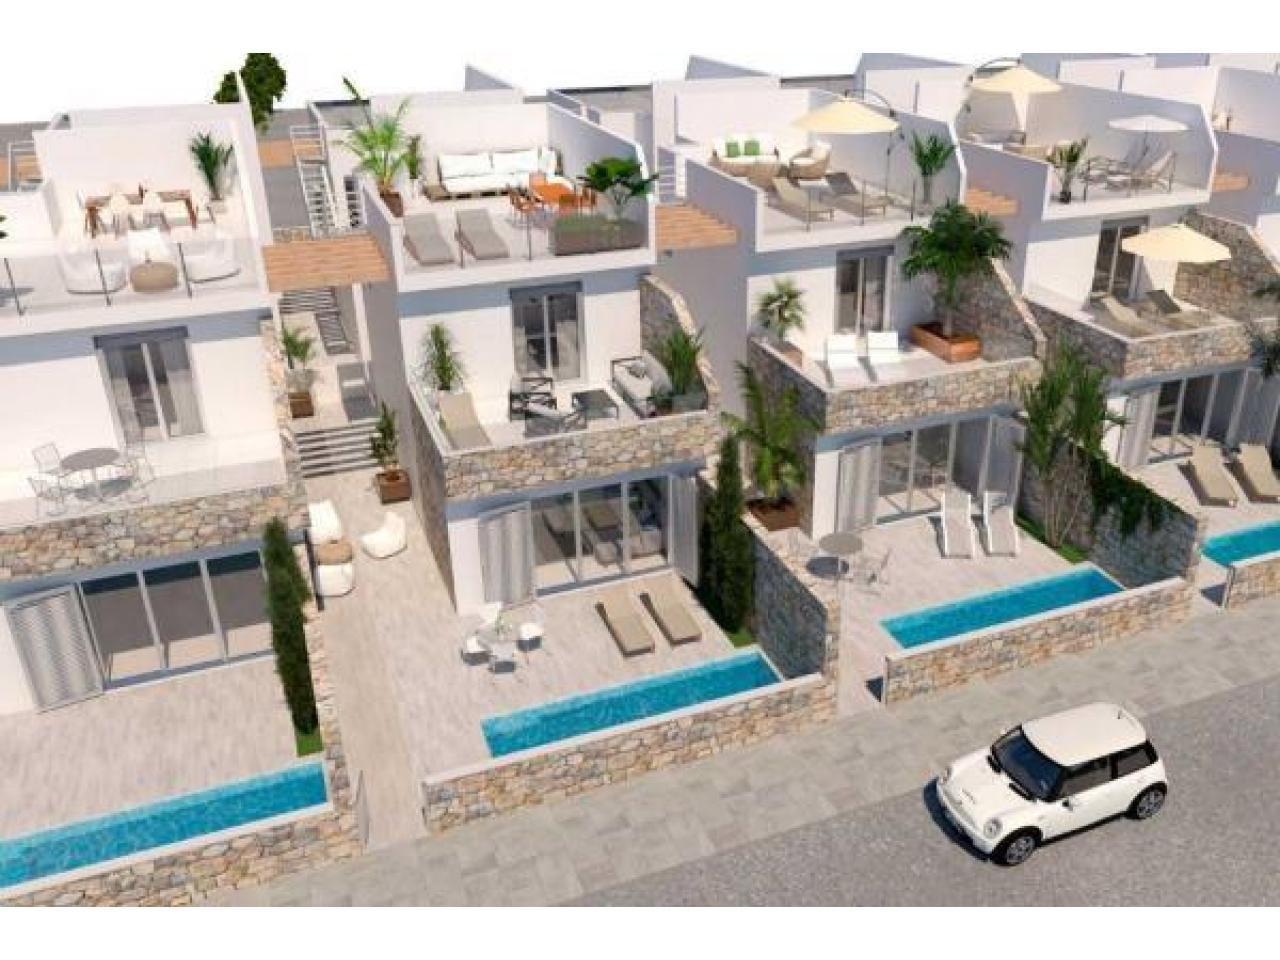 Недвижимость в Испании, Новая вилла рядом с пляжем от застройщика в Лос Алькасарес - 10